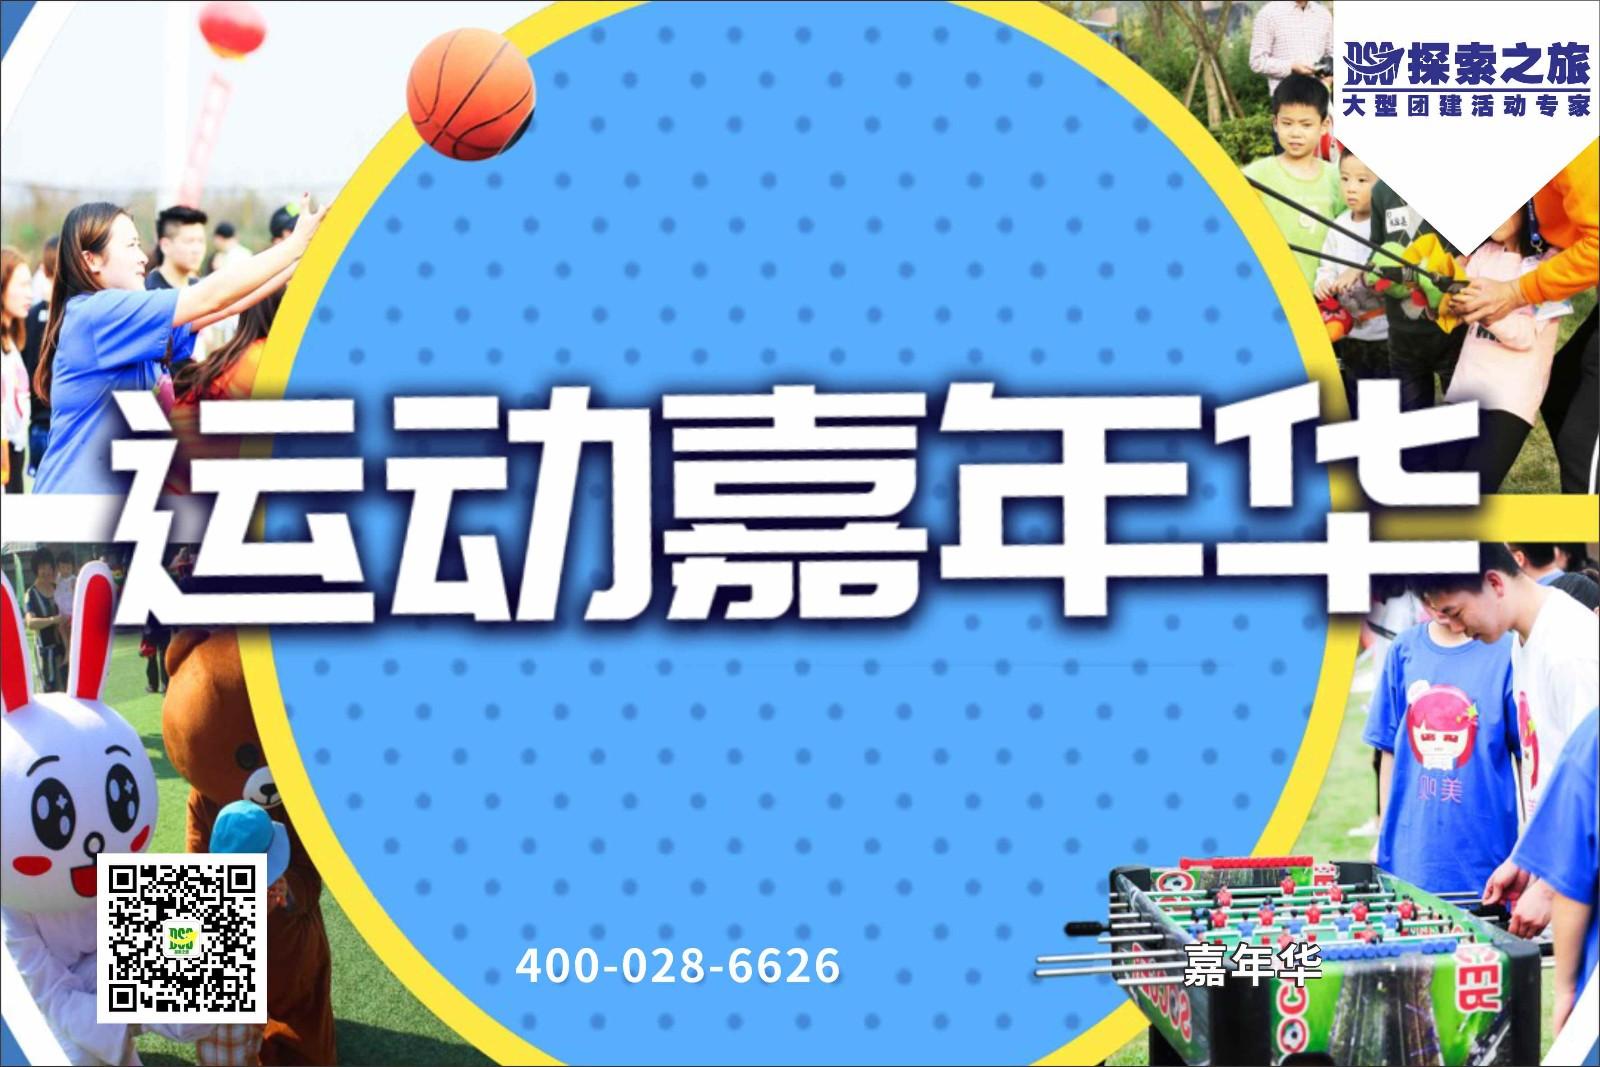 【嘉年华】运动嘉年华